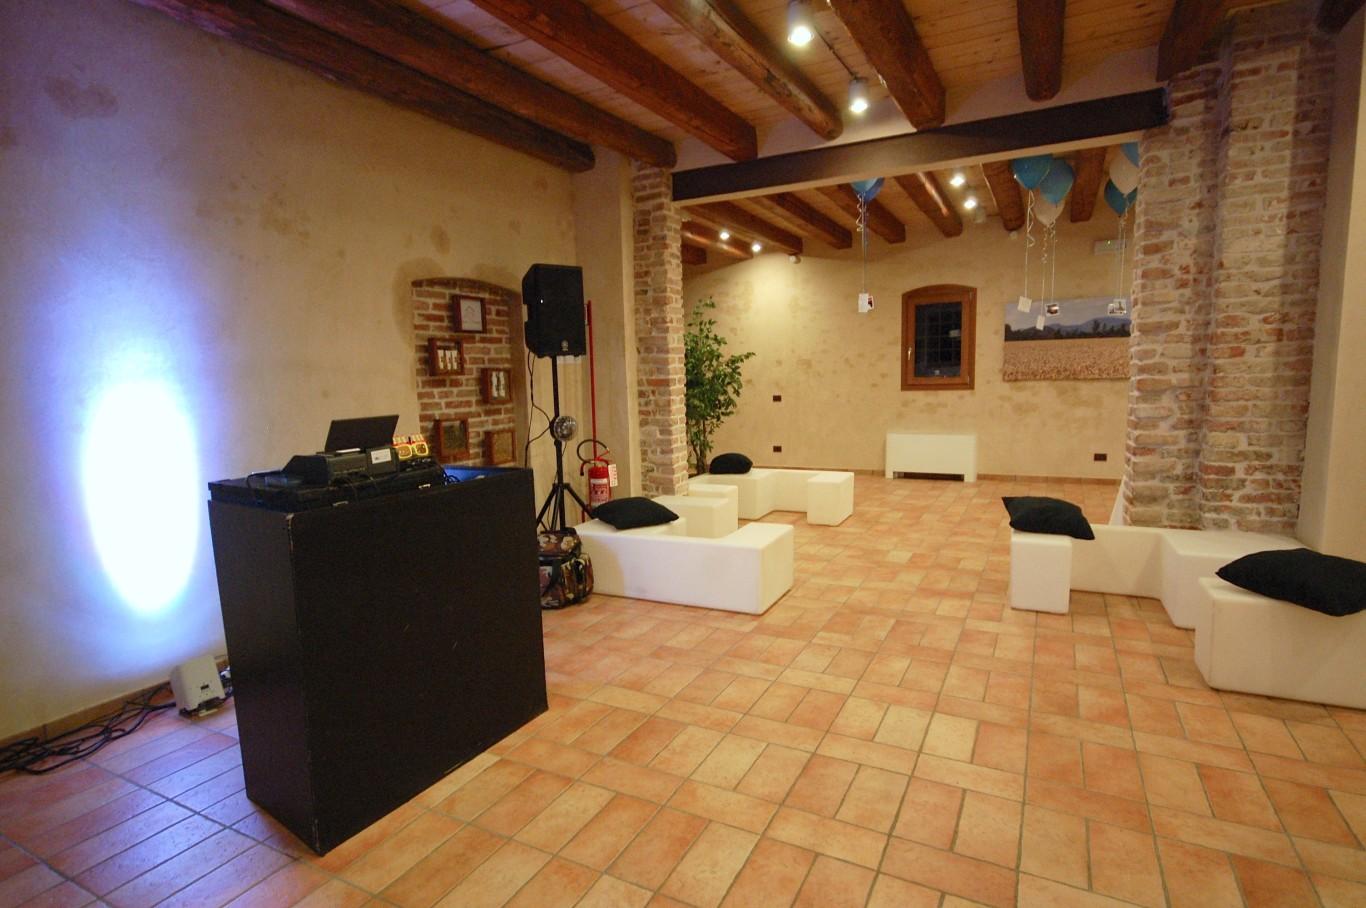 Location Per Feste Private Padova8